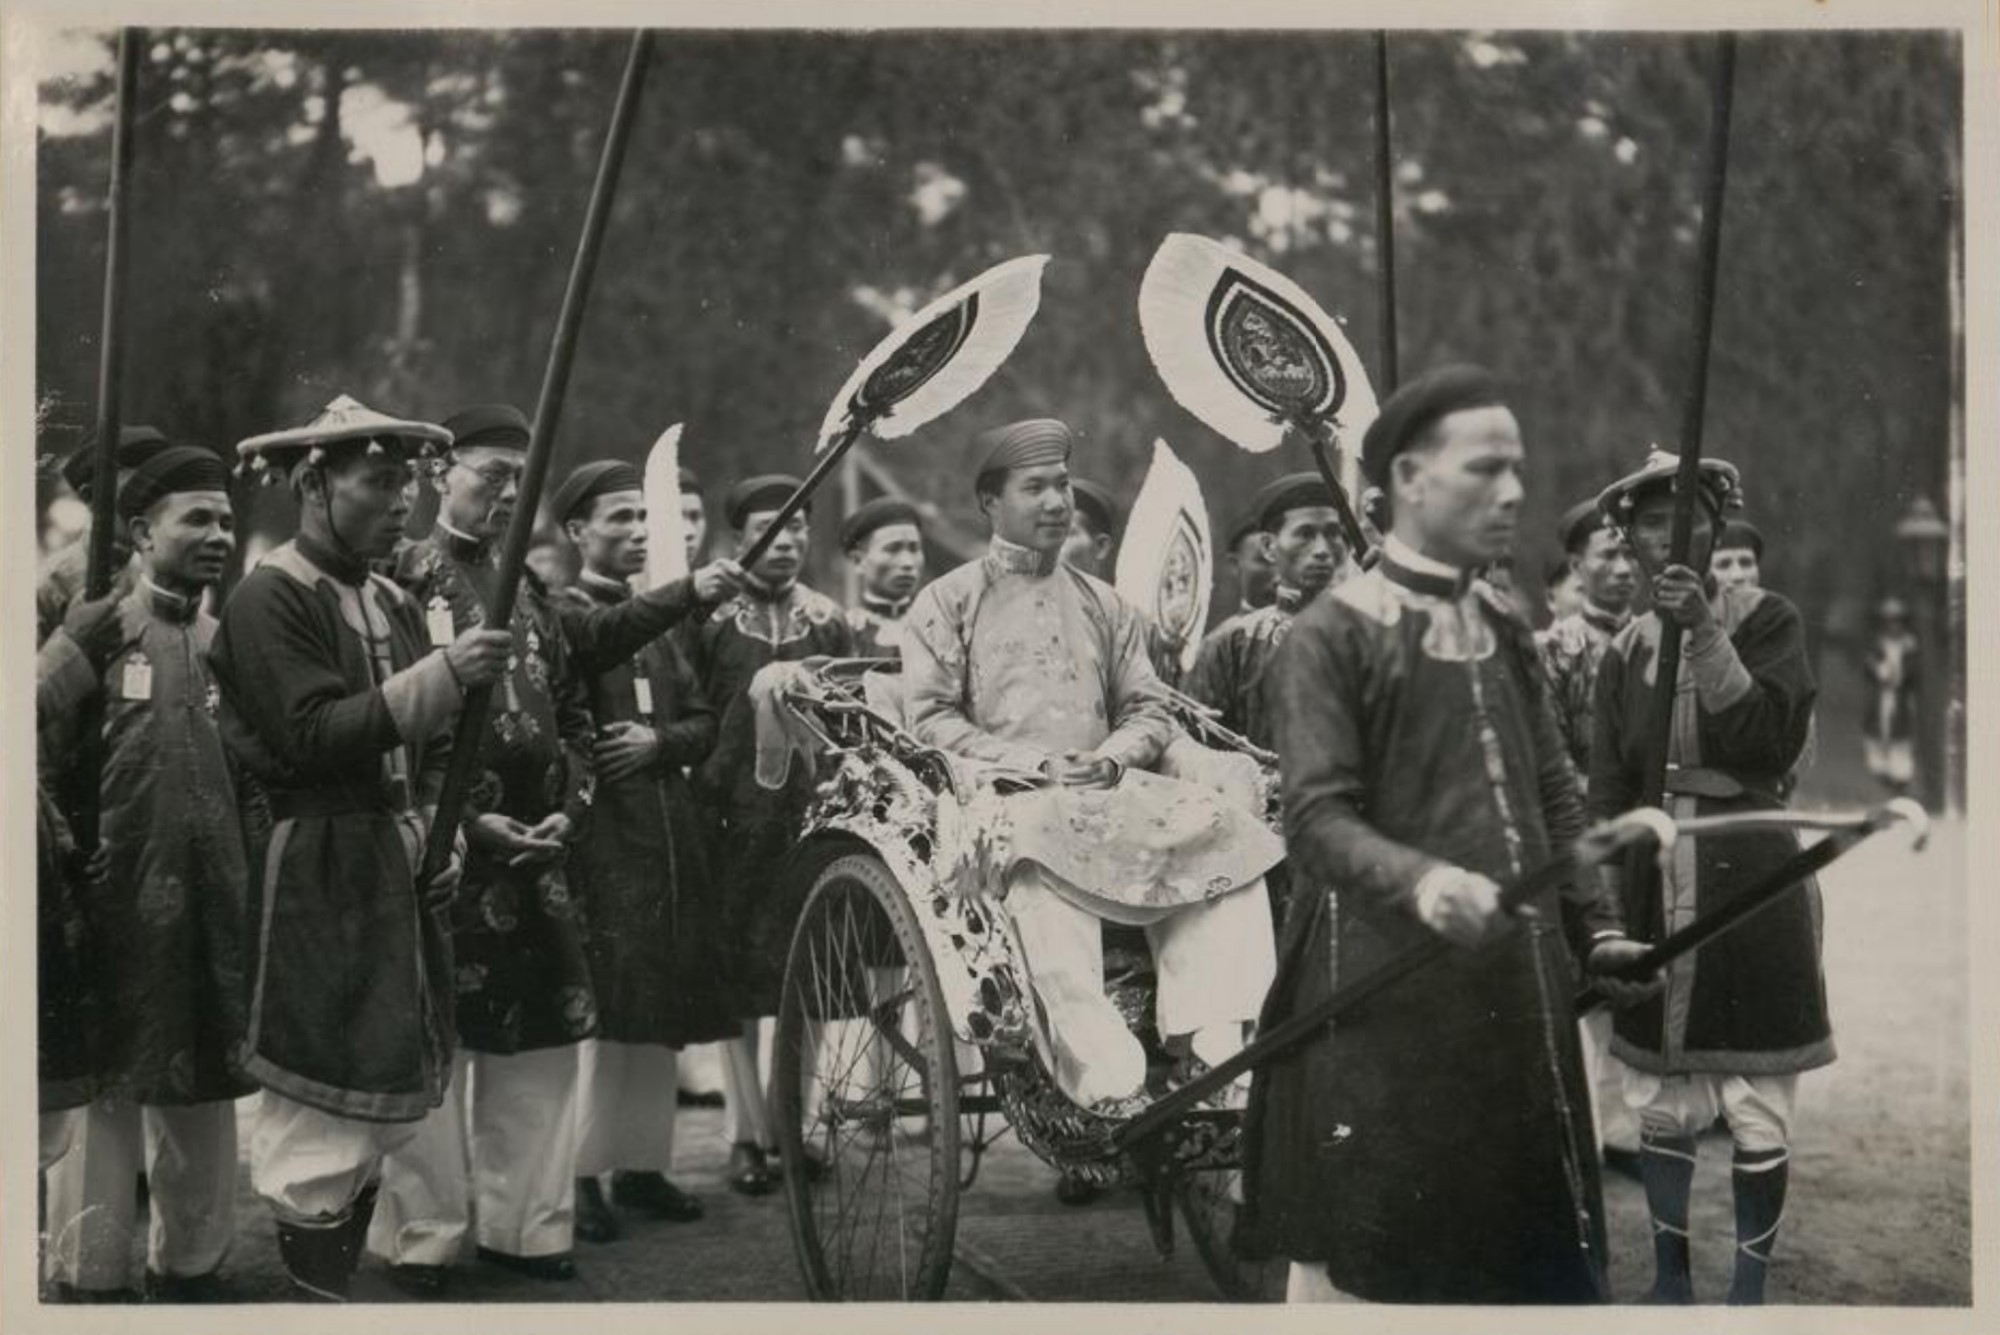 Chùm ảnh: Vua Bảo Đại làm lễ tế đàn Nam Giao ở Huế năm 1933